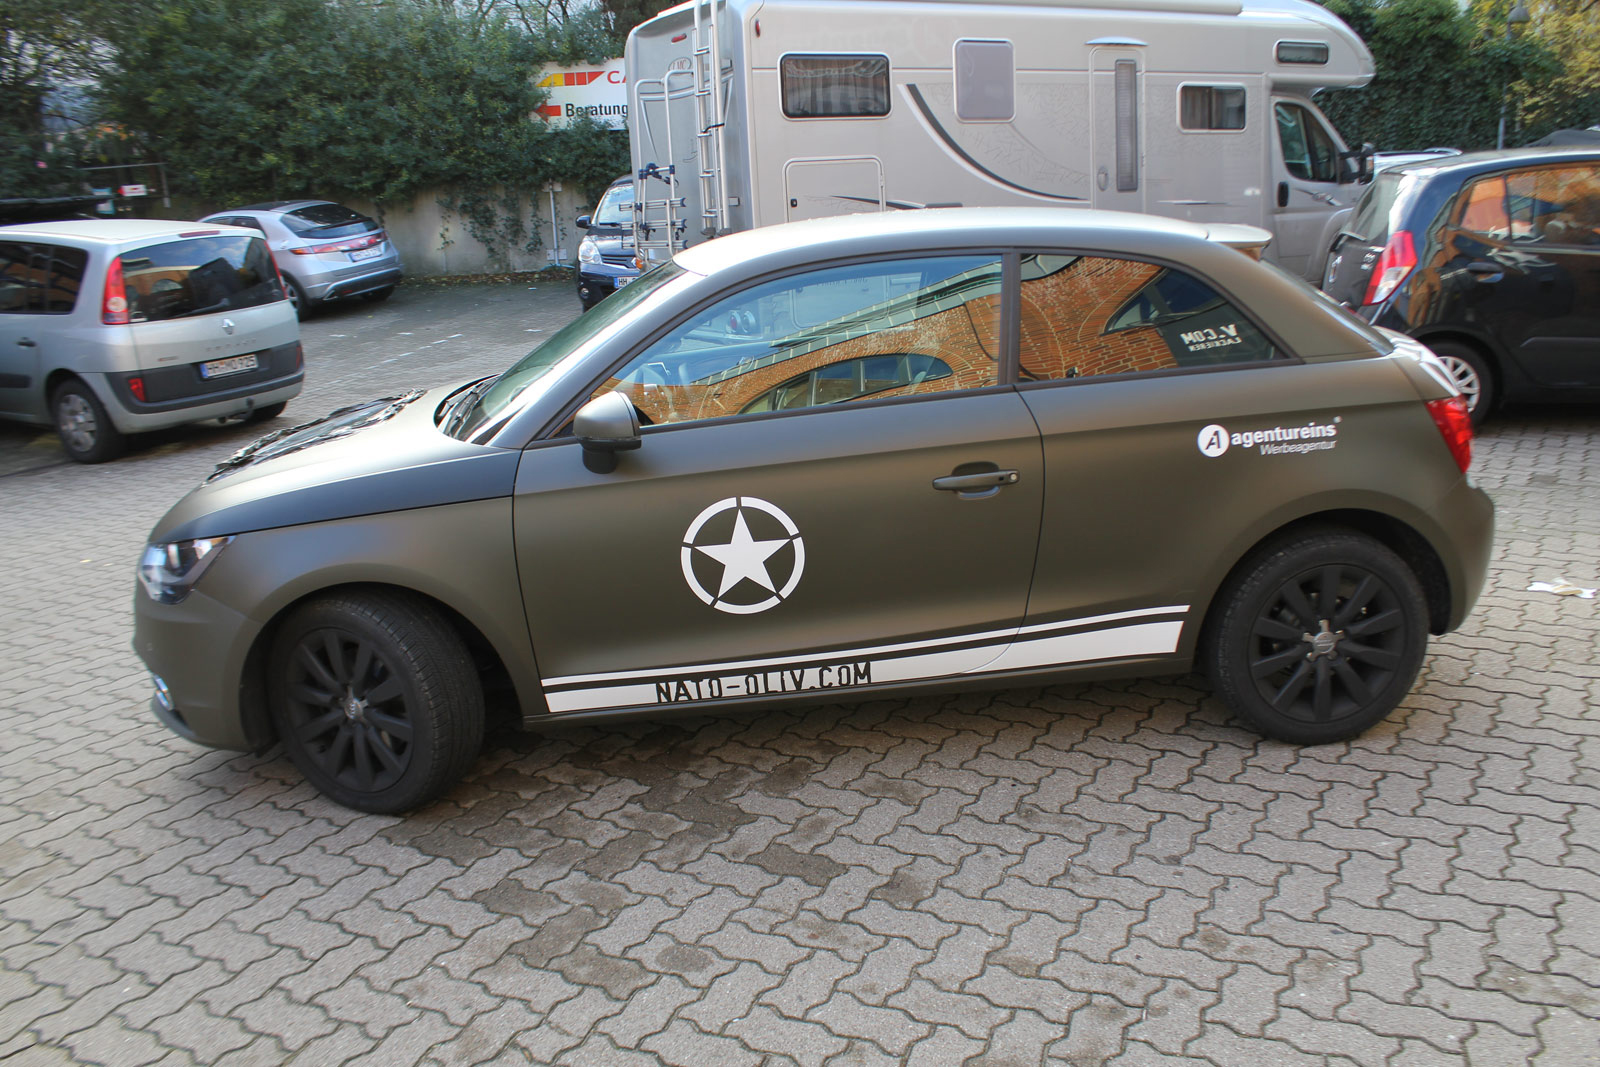 Audi_A1_Nato-oliv_Matt_Steinschlagschutz_29